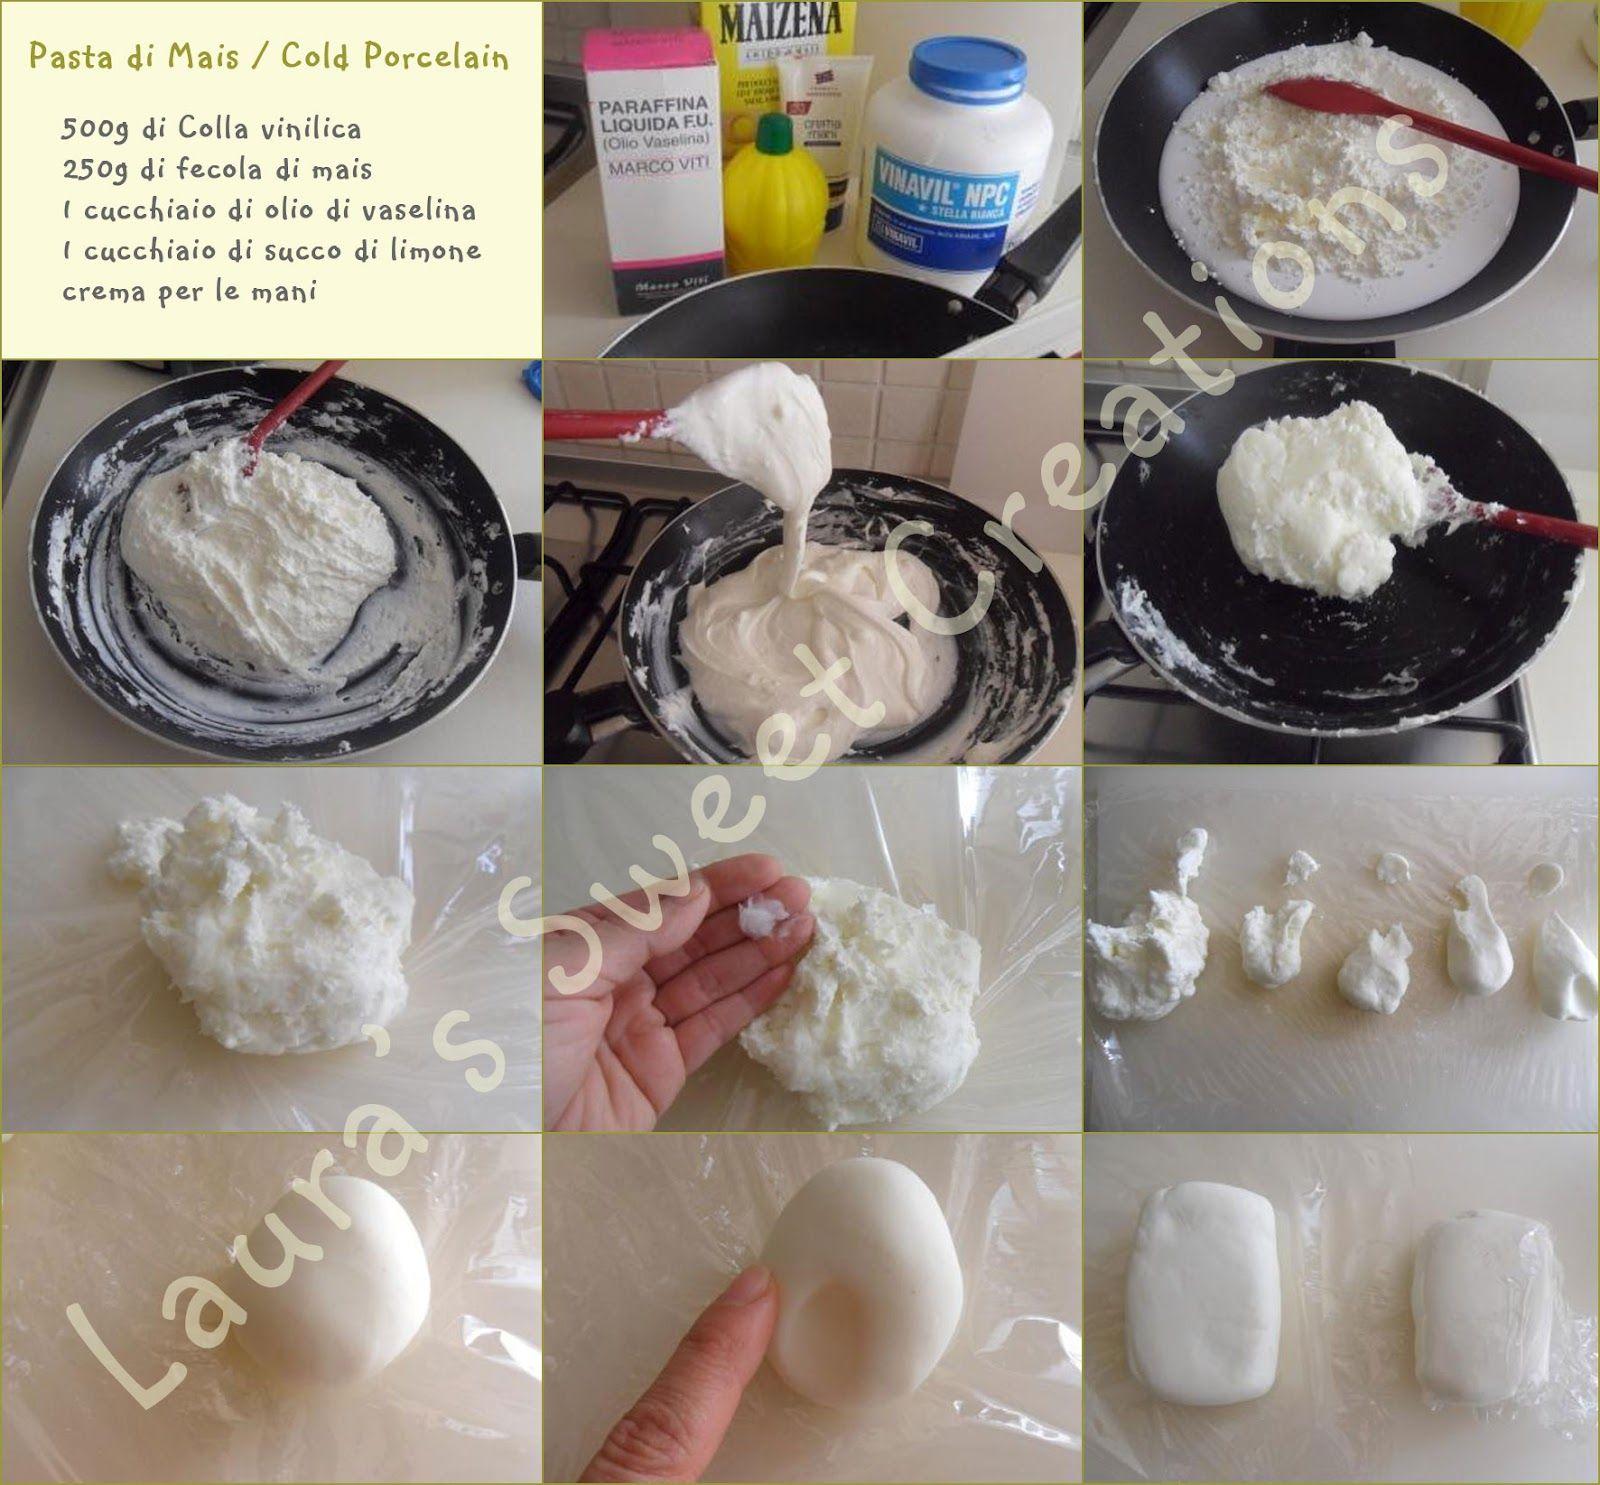 9756b59d210e5ed6e754e749658572f9 - Ricette Pasta Di Sale